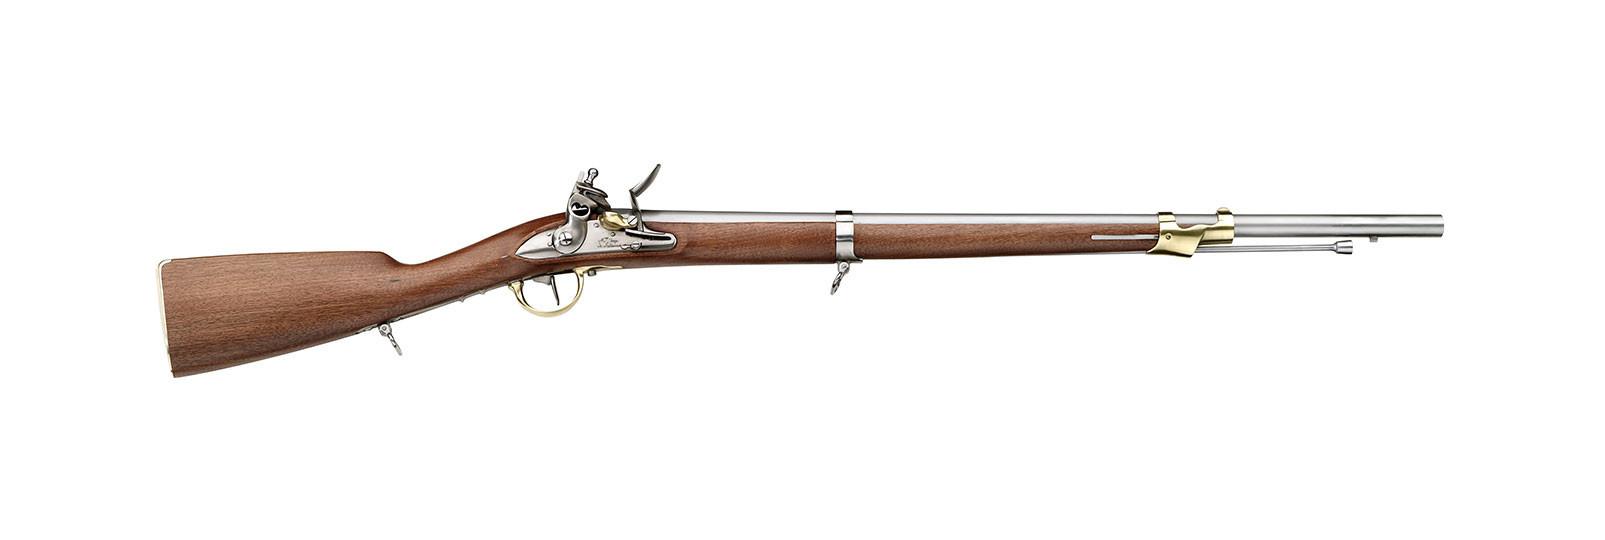 Fucile An IX de cavallerie